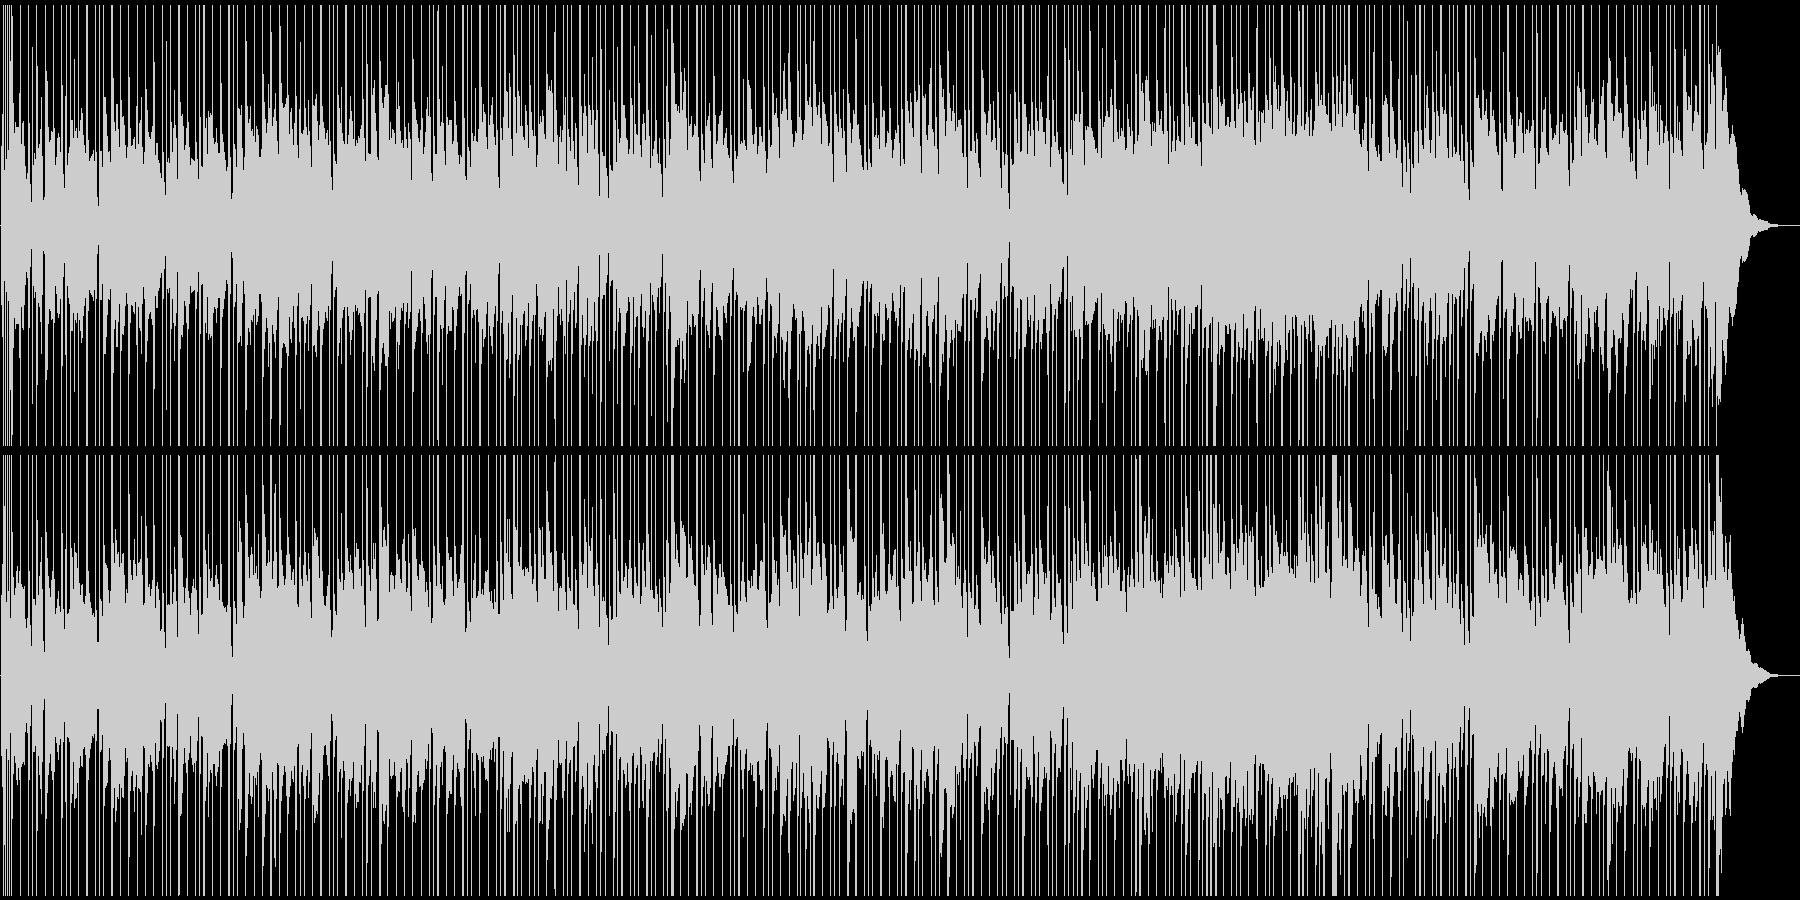 エレピ和音とシンセの落ち着いたBGMの未再生の波形